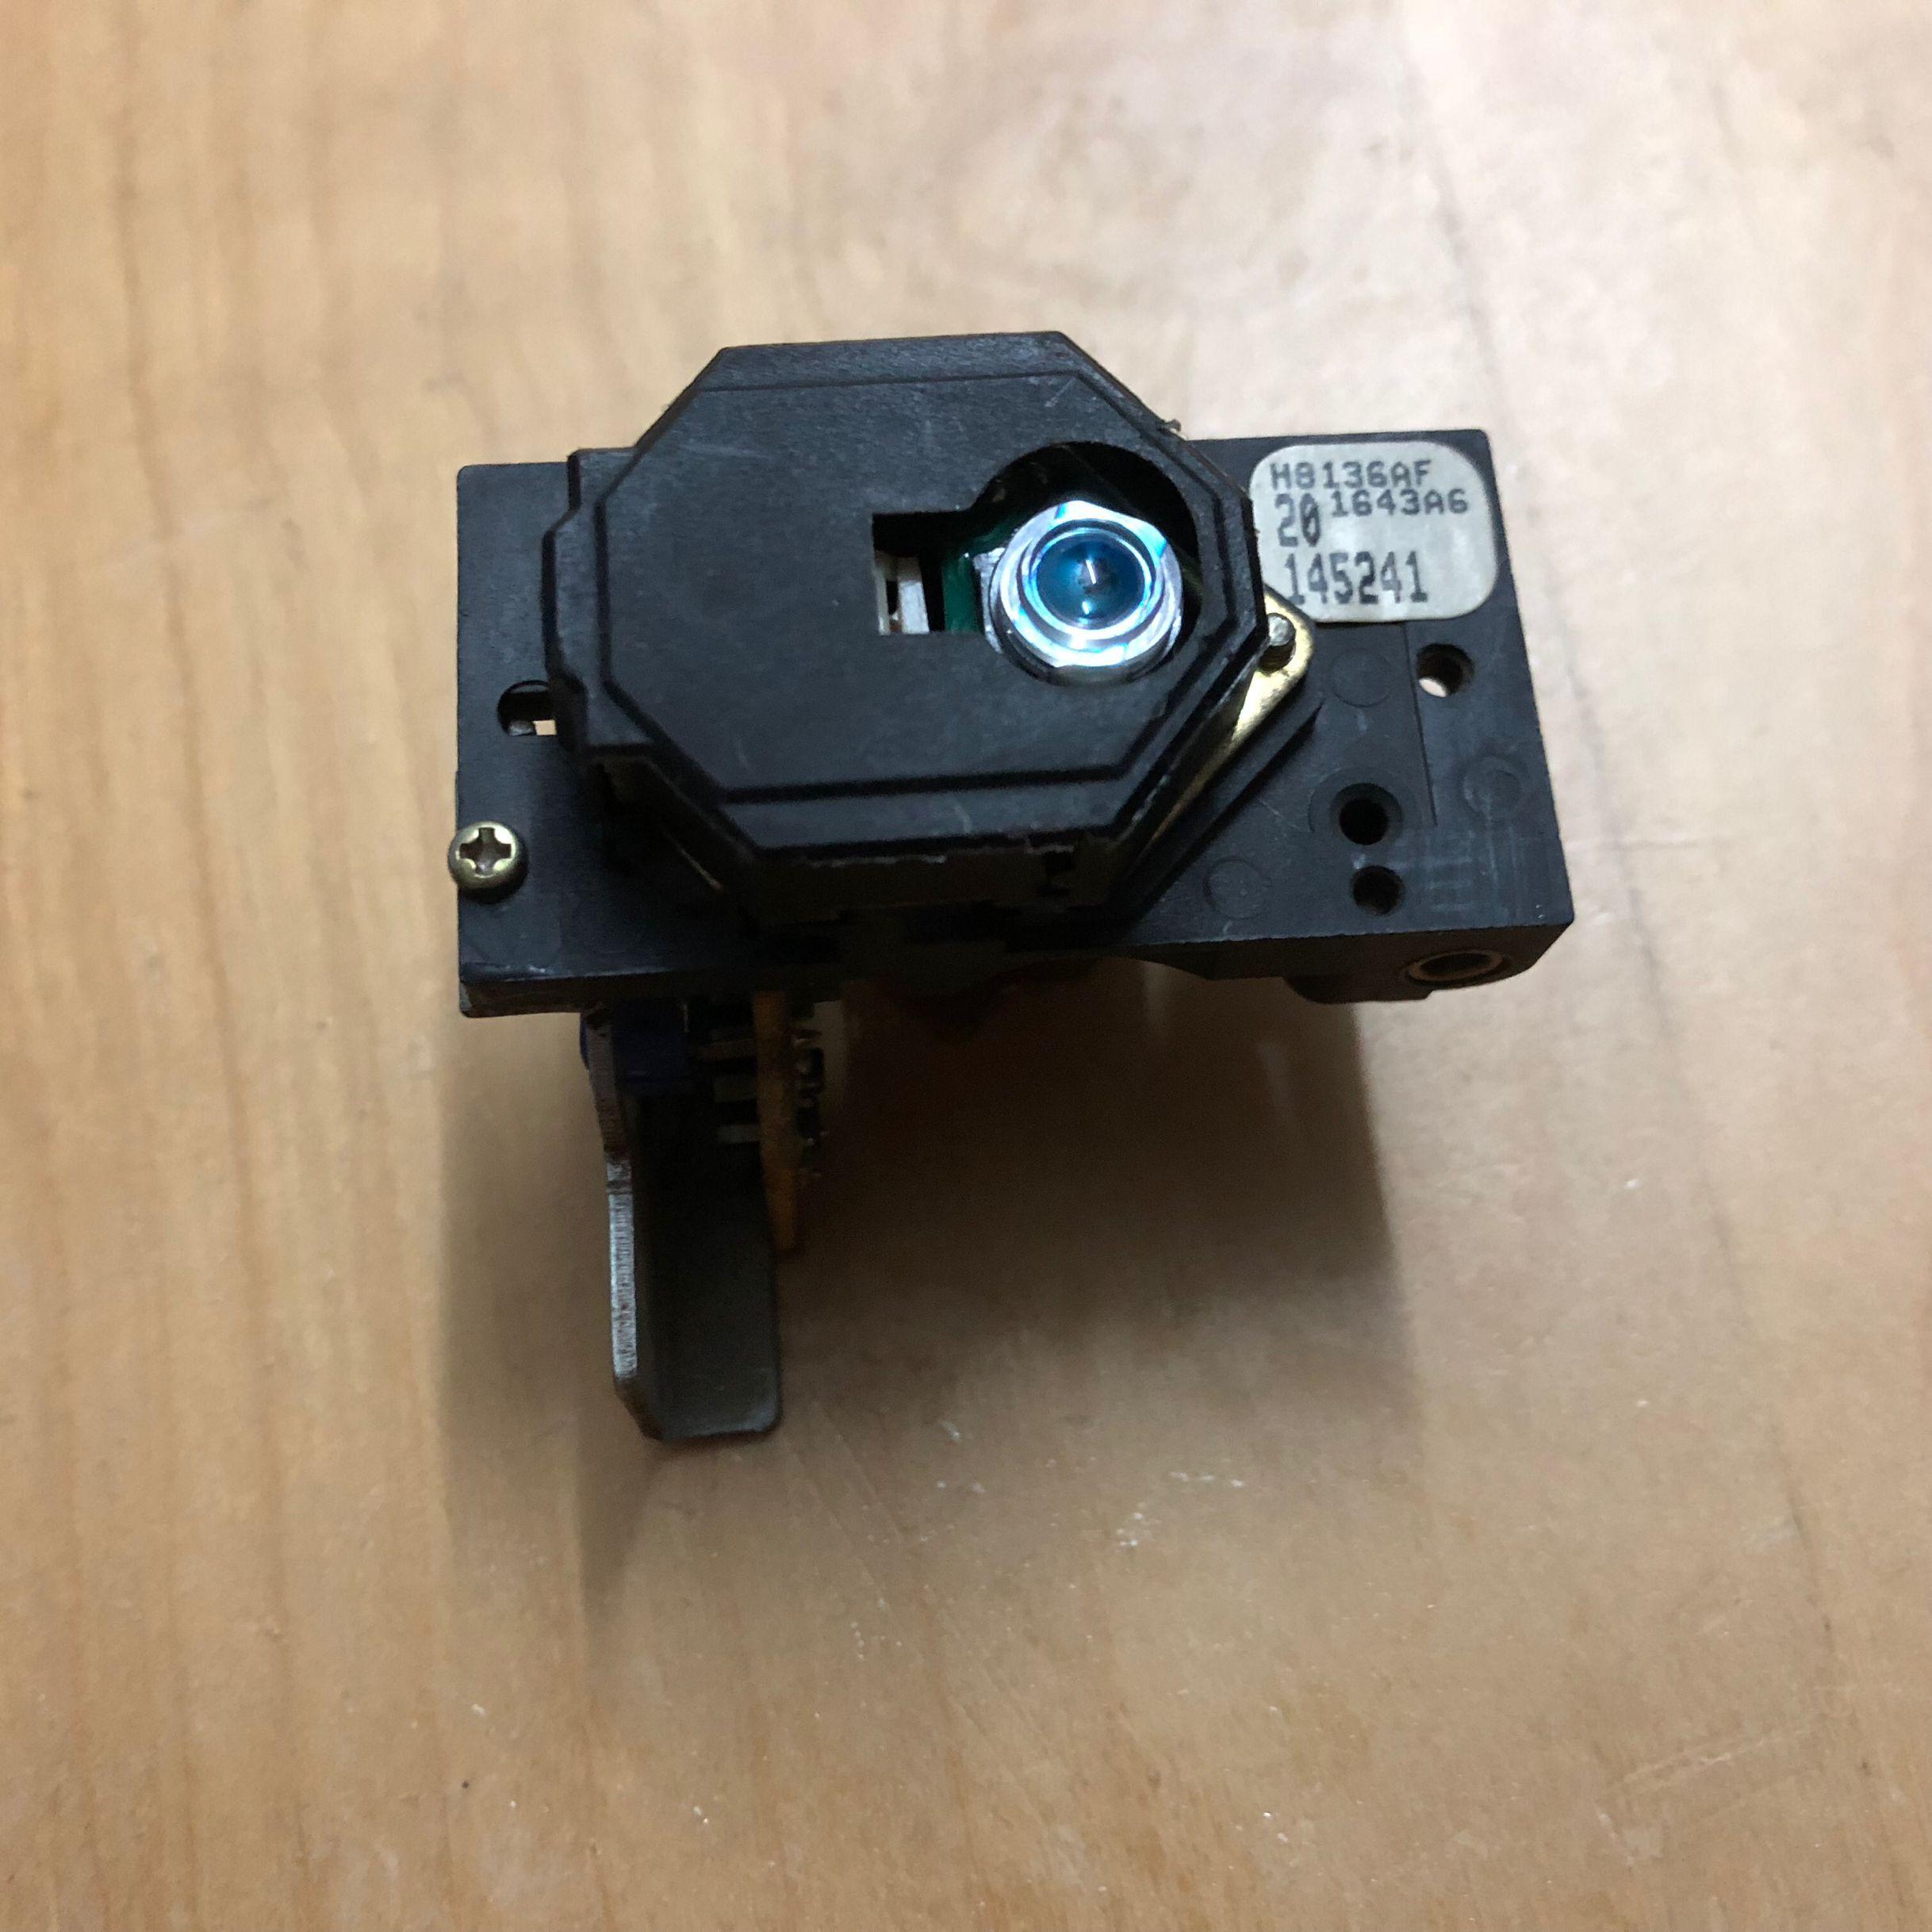 Marque haute qualité H8136AF H-8136AF RCTRH-8136AF RCTRH8136AF H8136 lentille Laser Optique Pick-up Bloc Optique